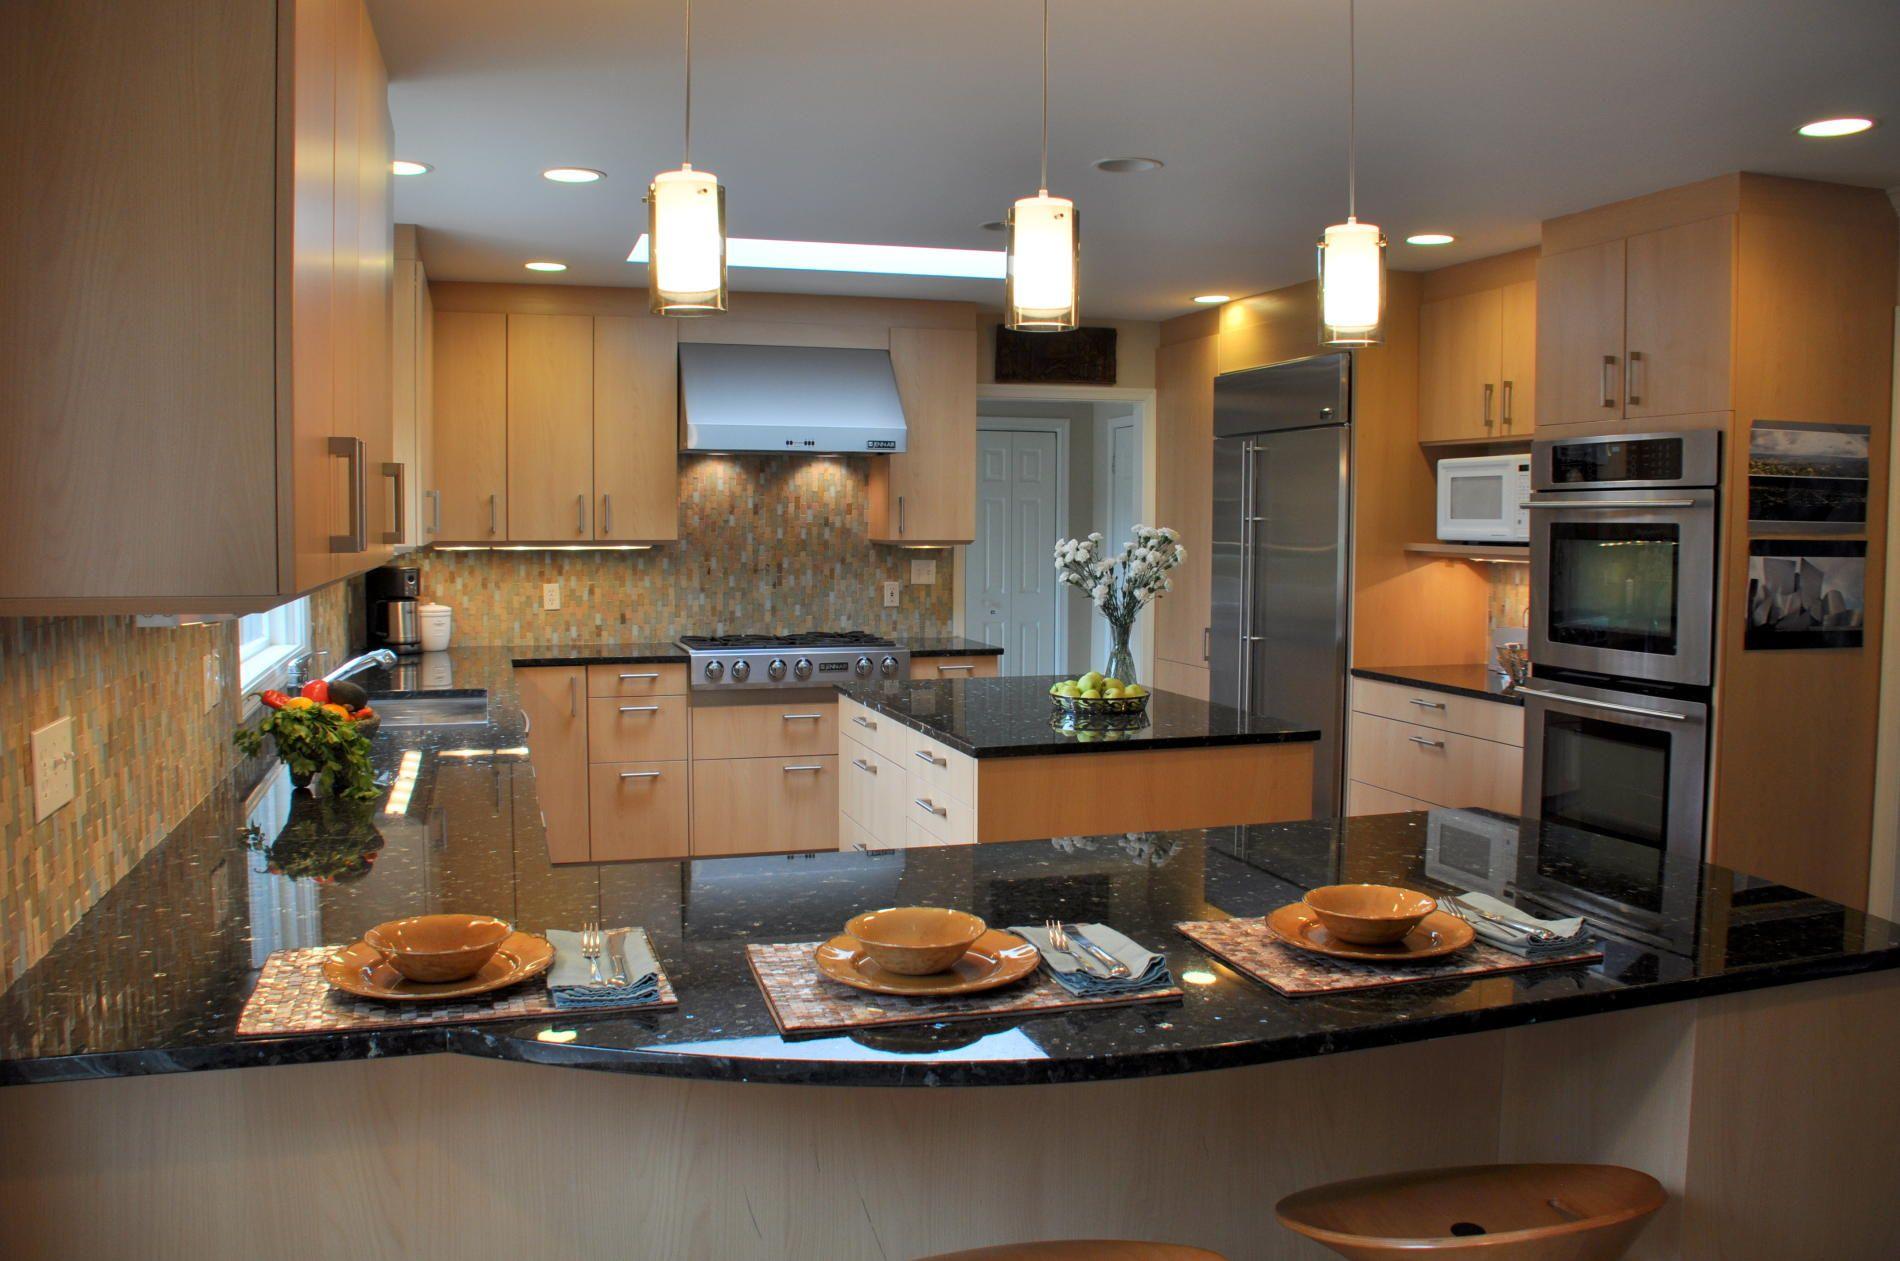 Küchenbeleuchtung ideen kleine küche  unglaubliche kleine küche insel ideen mit sitzgelegenheiten